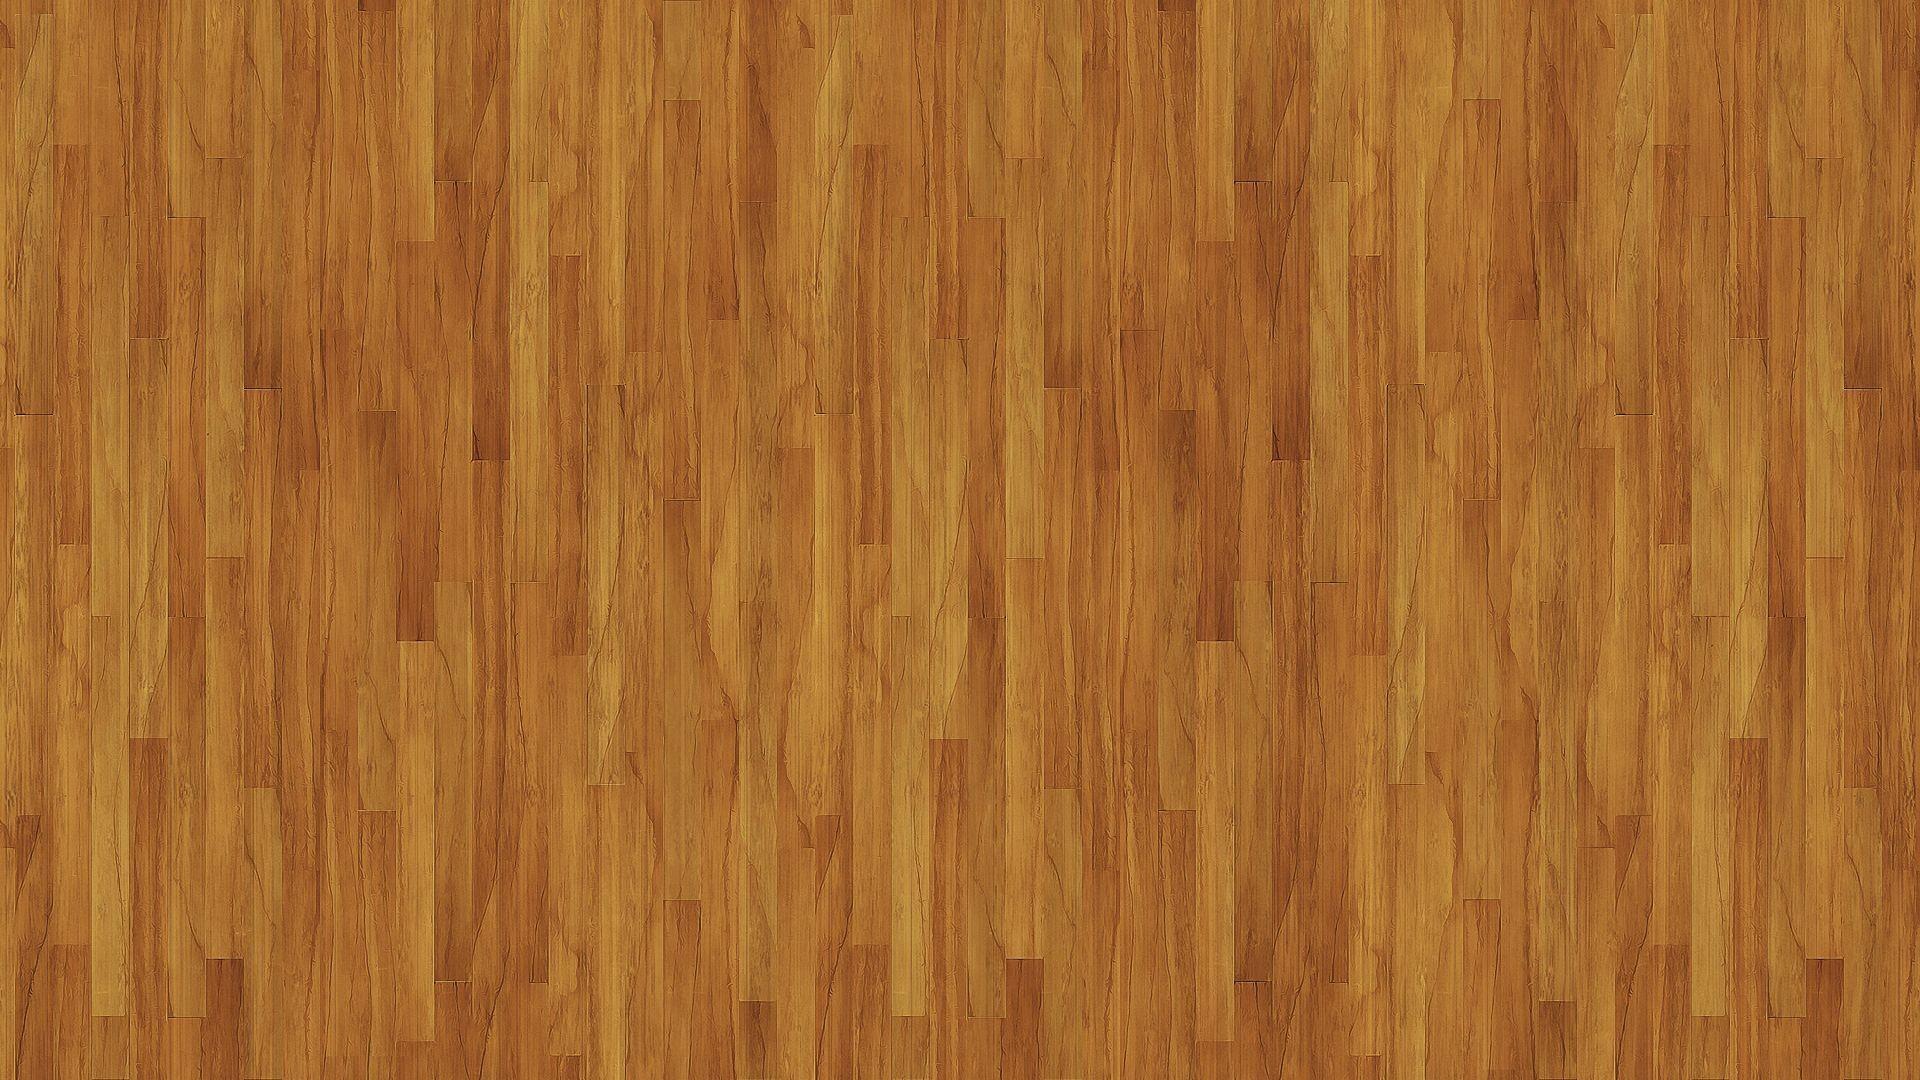 Hardwood Floor Wallpaper 48 images